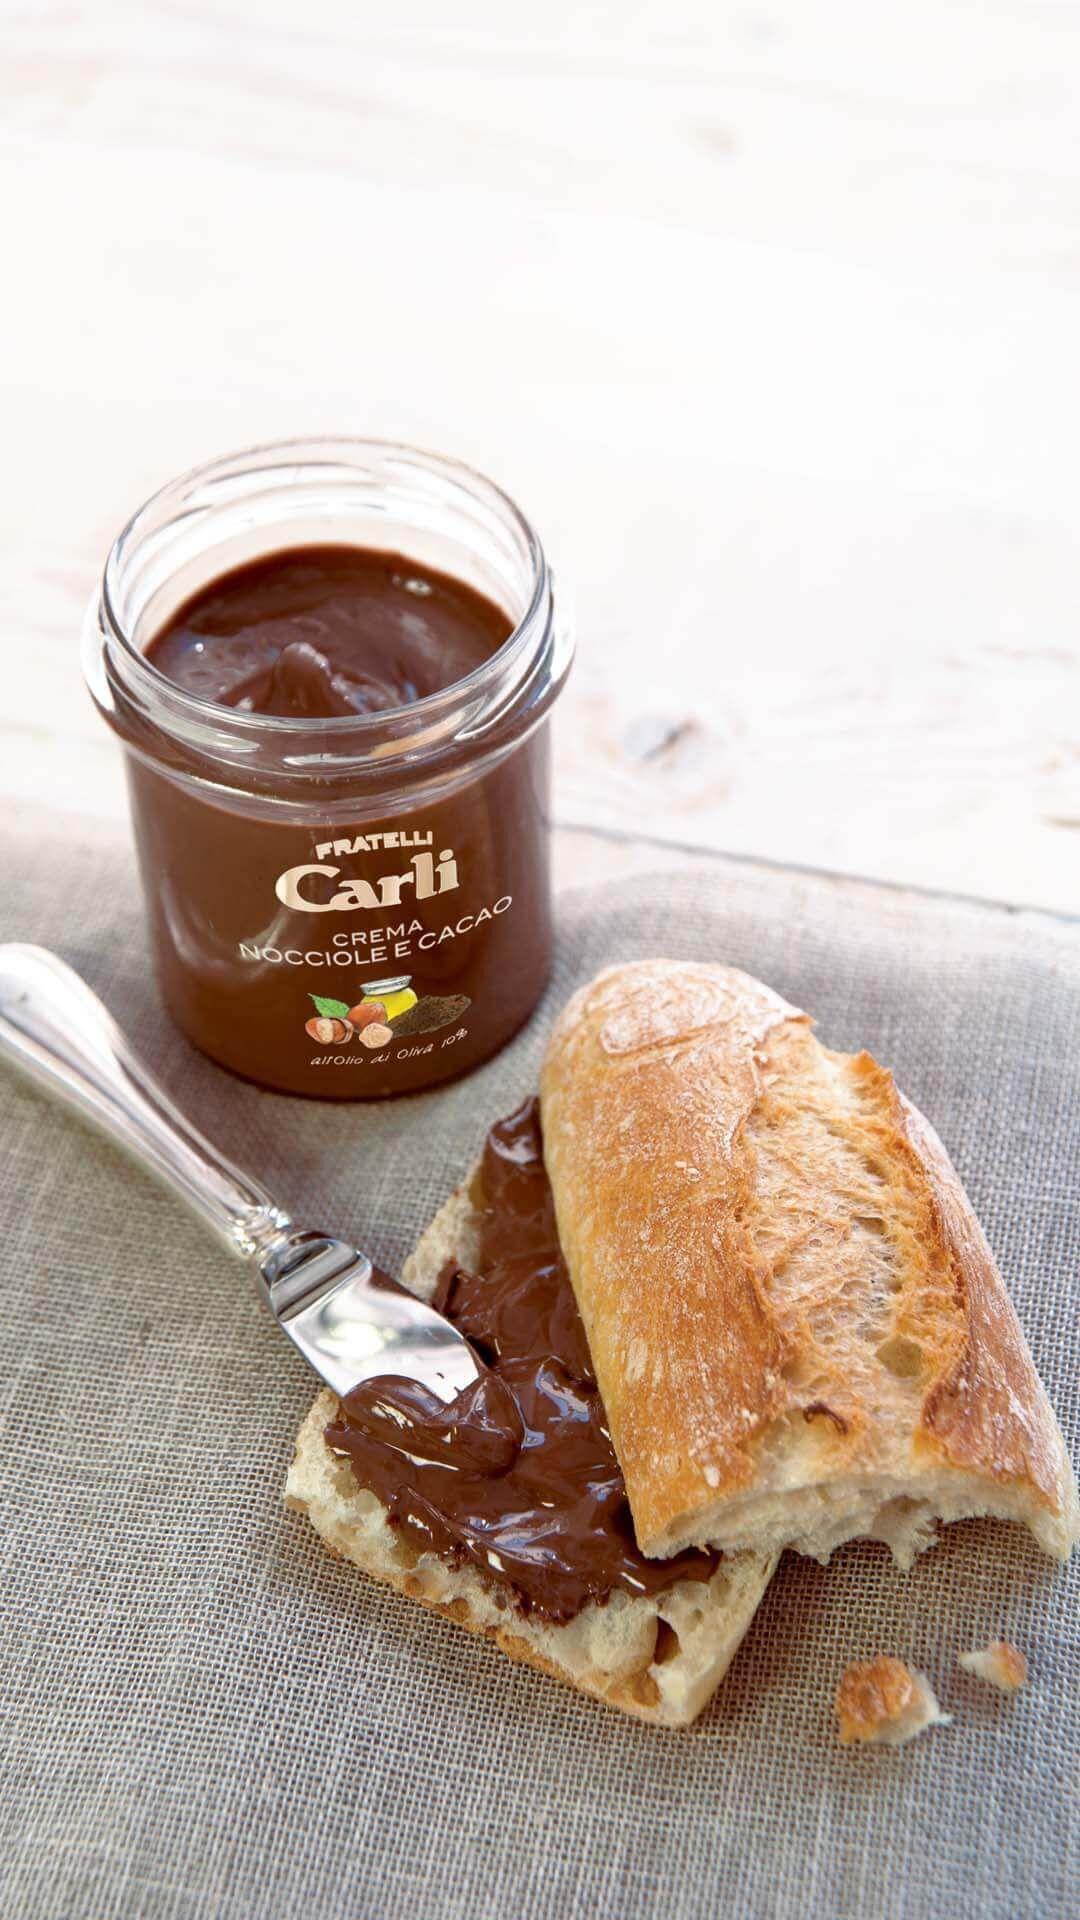 30N - 1 Vs.Crema Nocciole/Cacao Usa